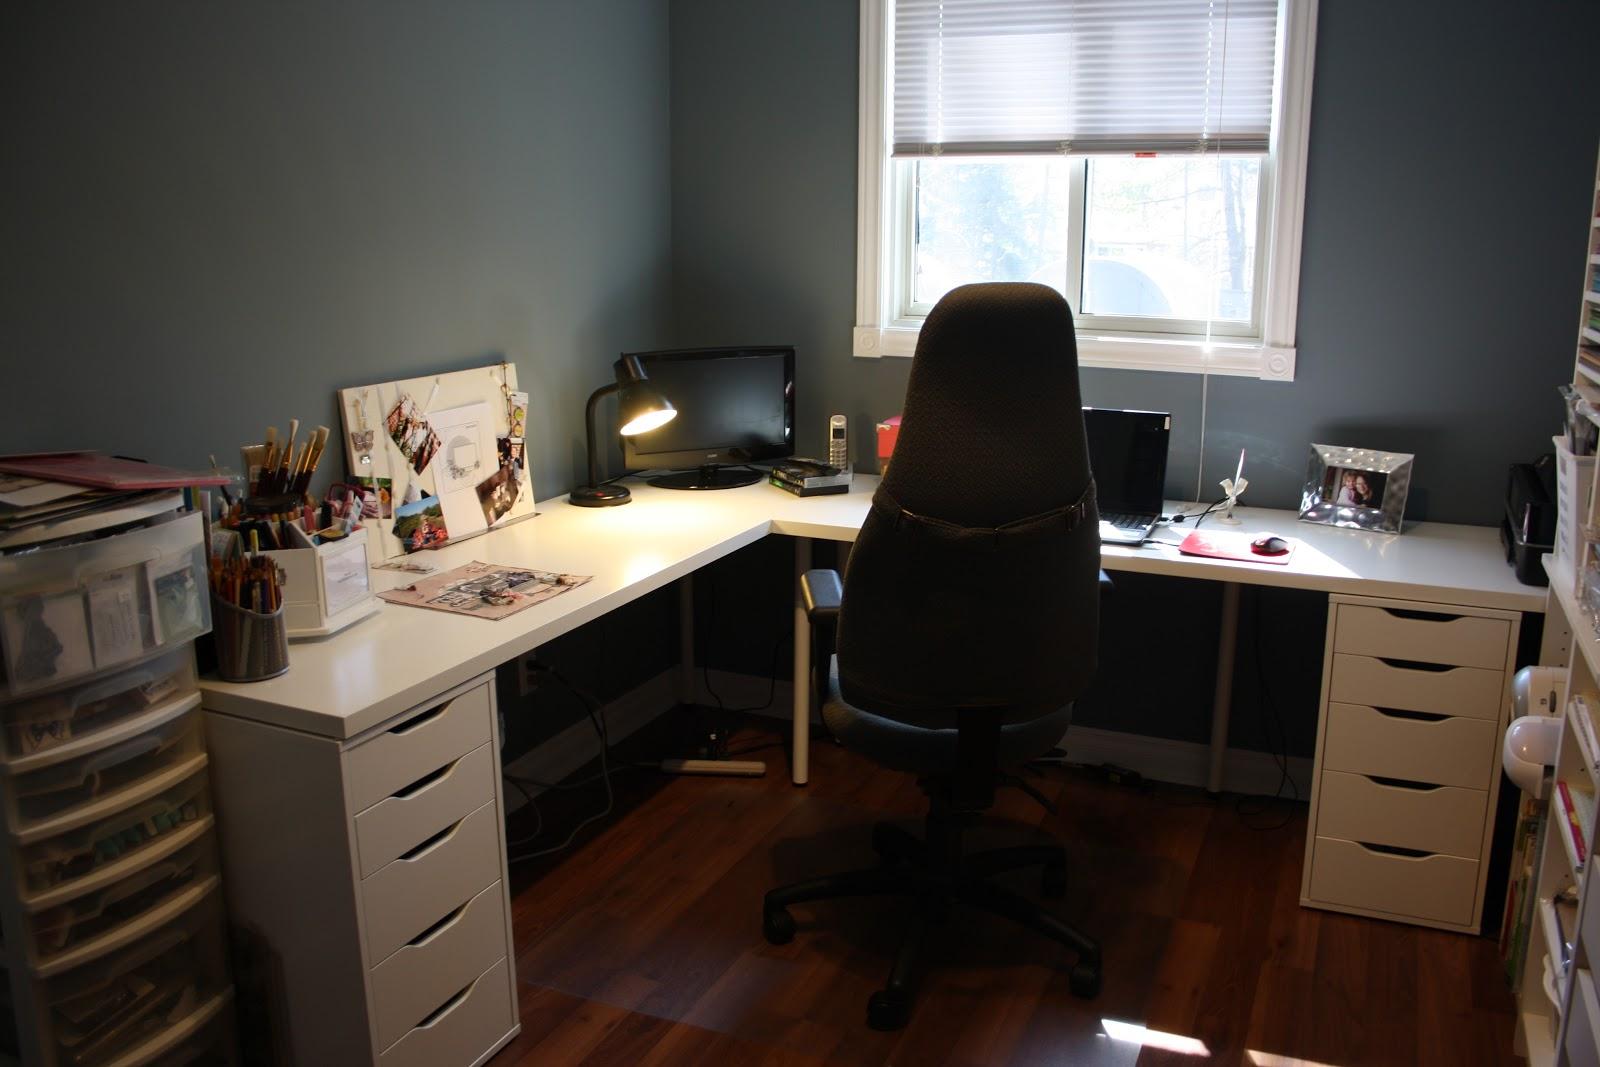 grå-lille-home-office-funktioner-ikea-L-formet-desk-med-to-file-frysere-in-hvid